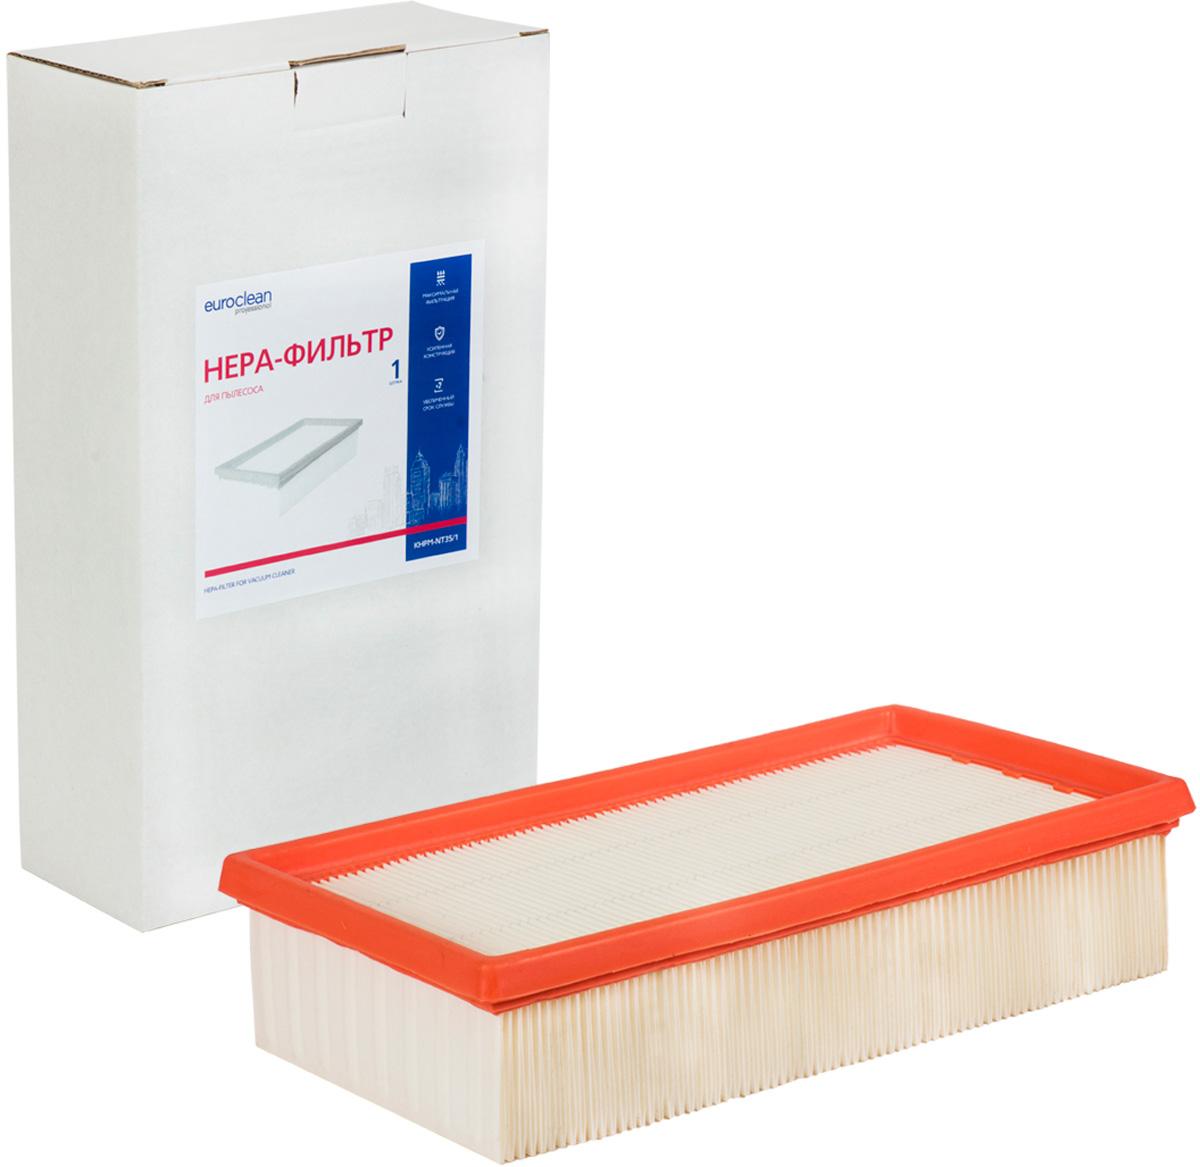 Euroclean KHPM-NT35/1 фильтр складчатый для сухой пыли к пылесосам KARCHER (аналого 6.904-367.0) - Бытовые аксессуары